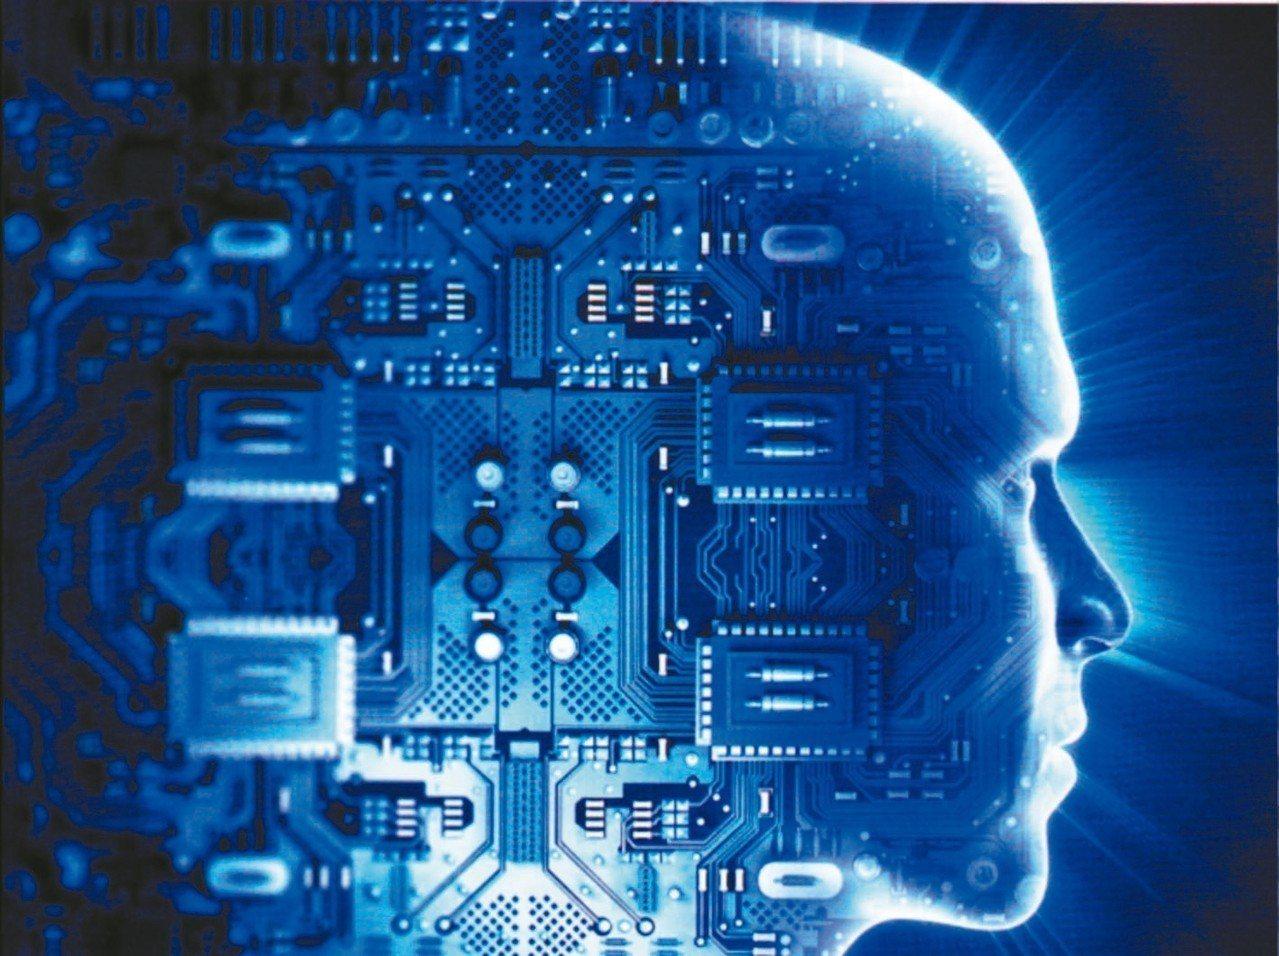 2019年台北國際電腦展將於5月登場,今年規劃以五大主題,包括人工智慧與物聯網、...